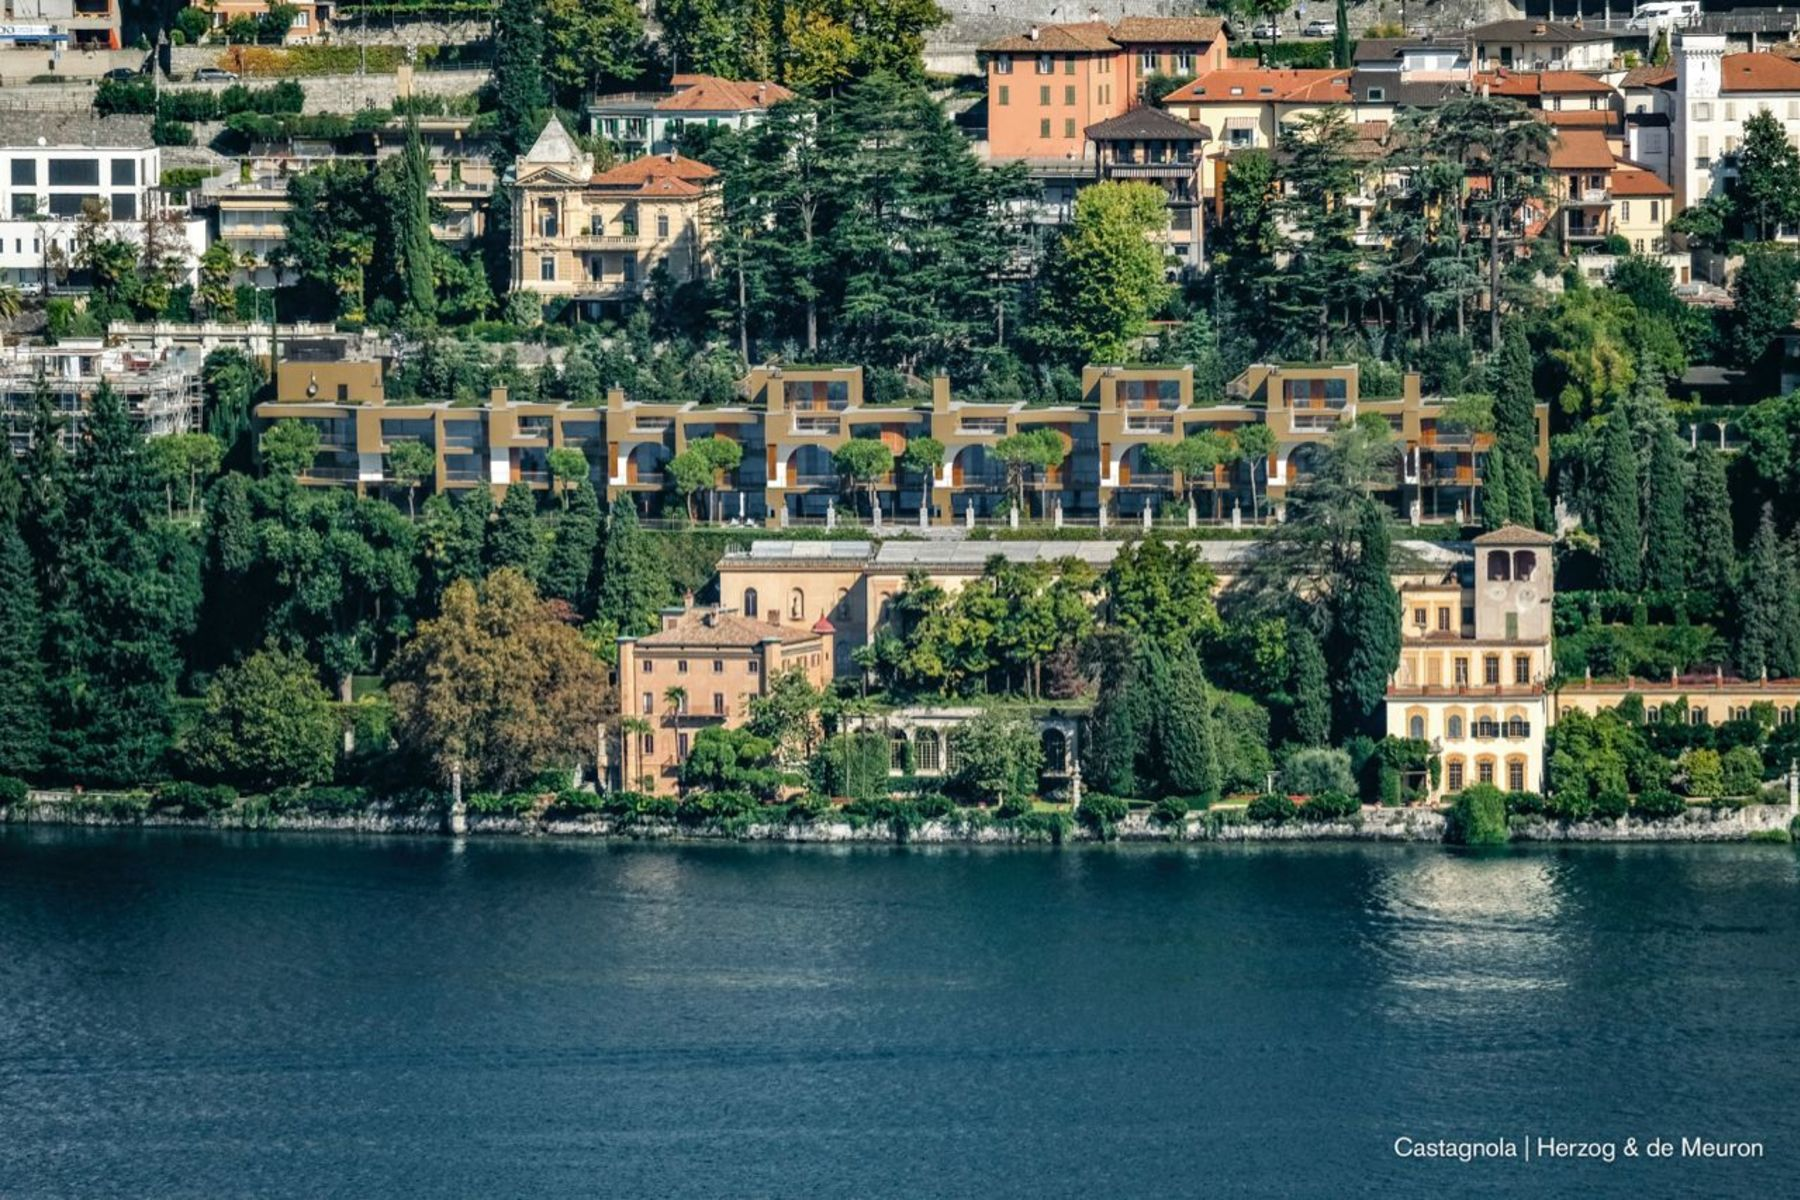 Single Family Homes for Sale at Archi di luce - by Herzog & de Meuron: villa 7 Lugano, Ticino 6900 Switzerland